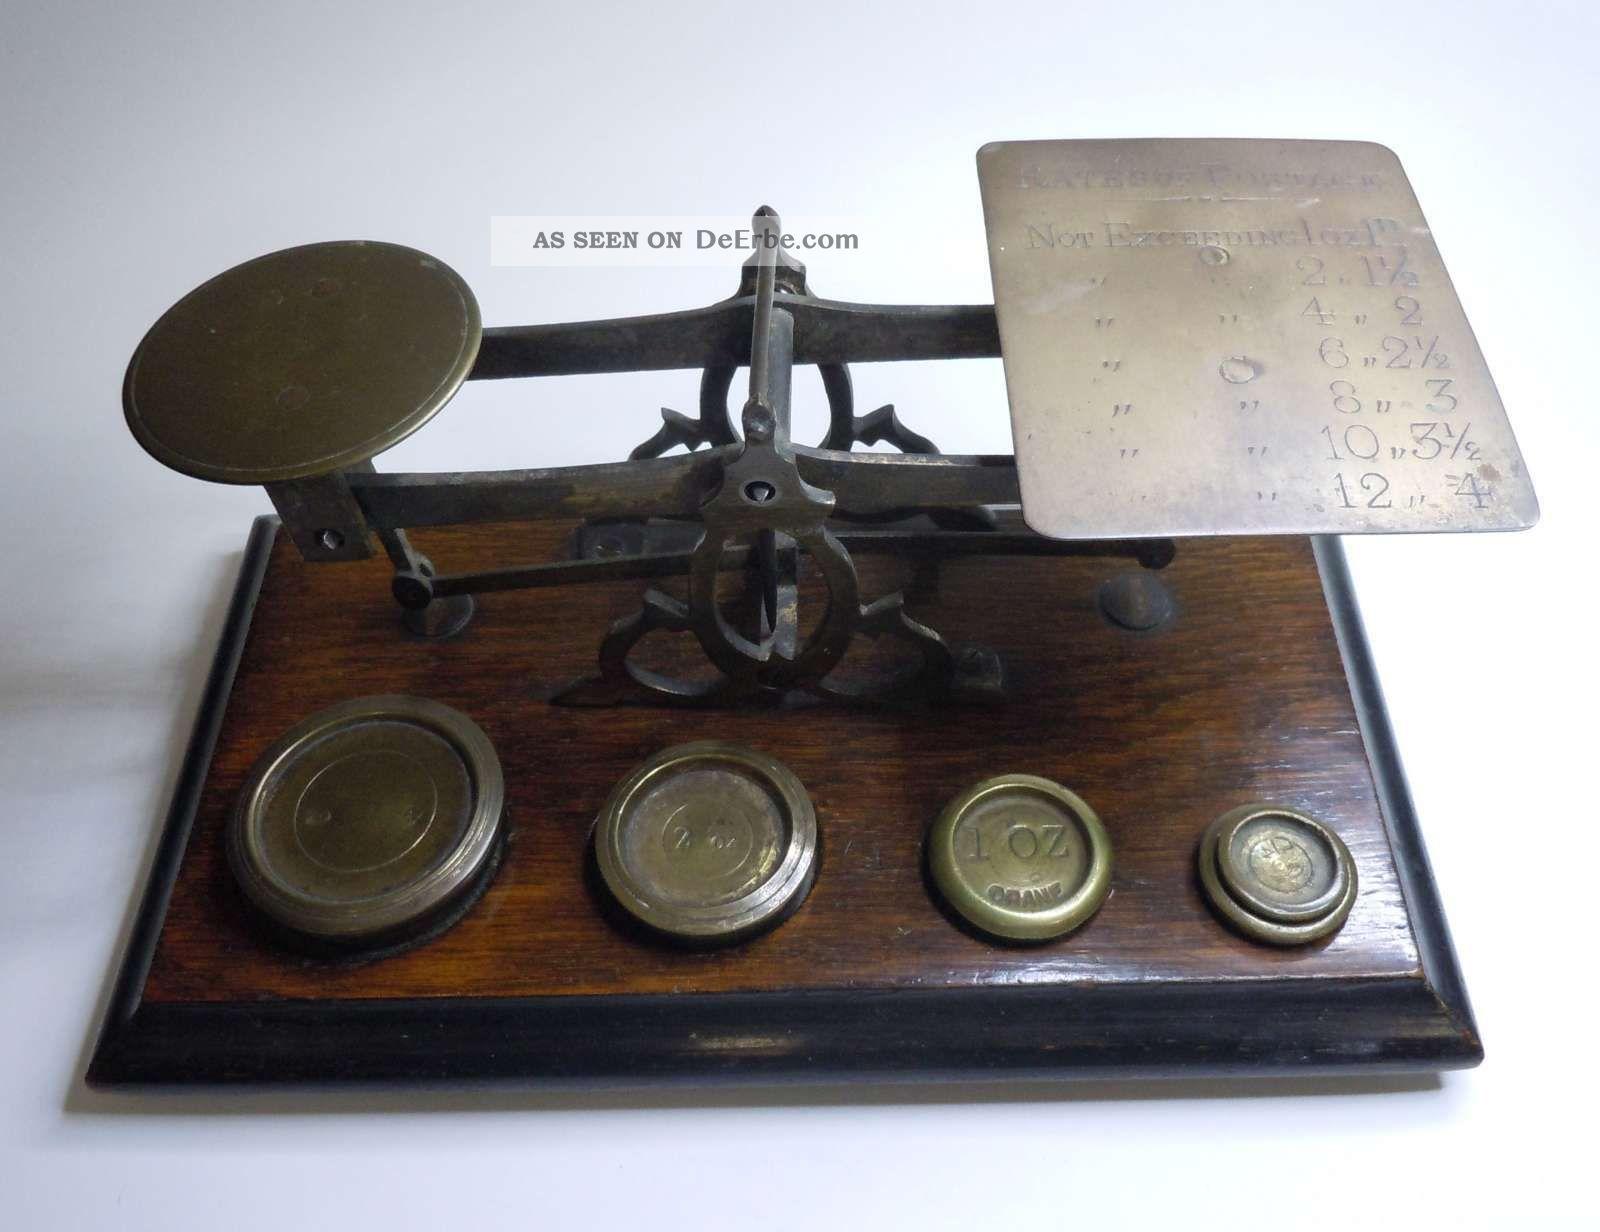 Antike Briefwaage Mit 5 Gewichten Oz England Um 1900 Kaufleute & Krämer Bild